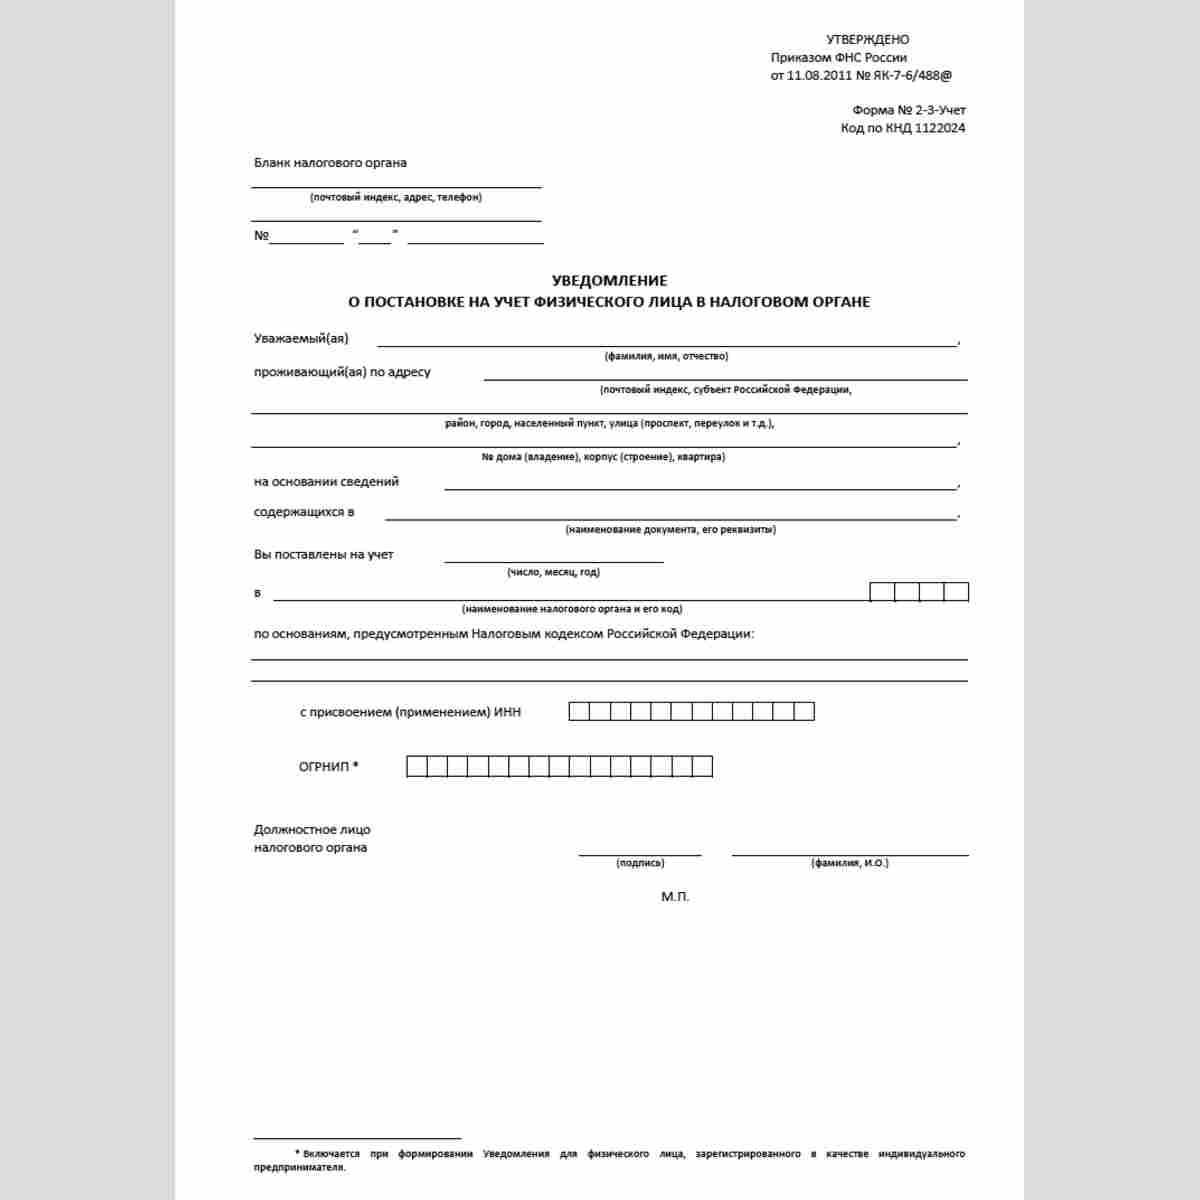 """Форма КНД 1122024 """"Уведомление о постановке на учет физического лица в налоговом органе"""" (Форма №2-3-Учет)"""